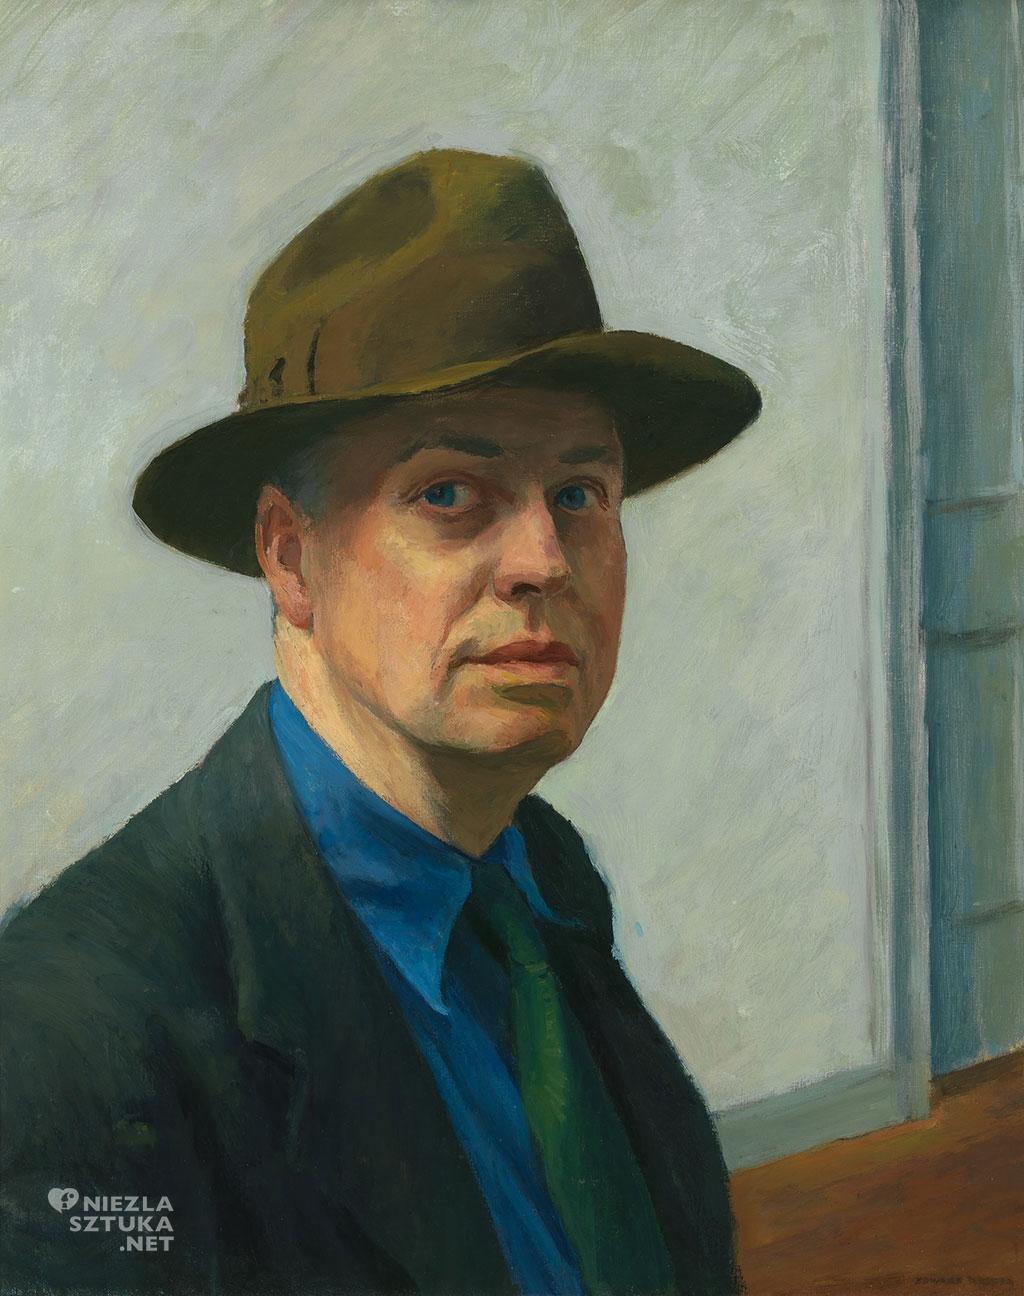 Edward Hopper Autoportret, sztuka amerykańska, portret, niezła sztuka